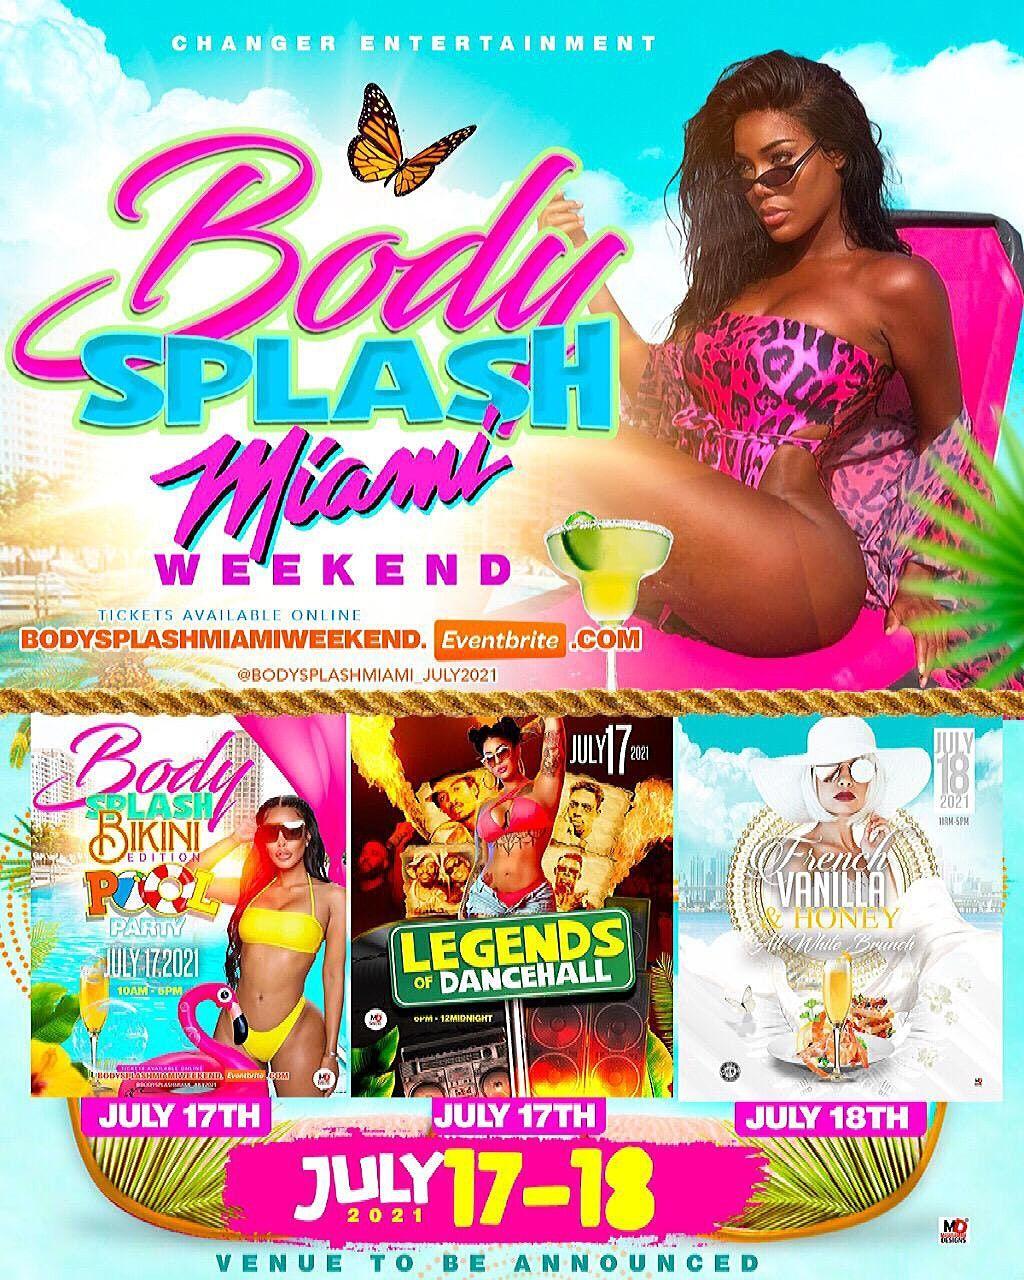 Body Splash Miami Weekend